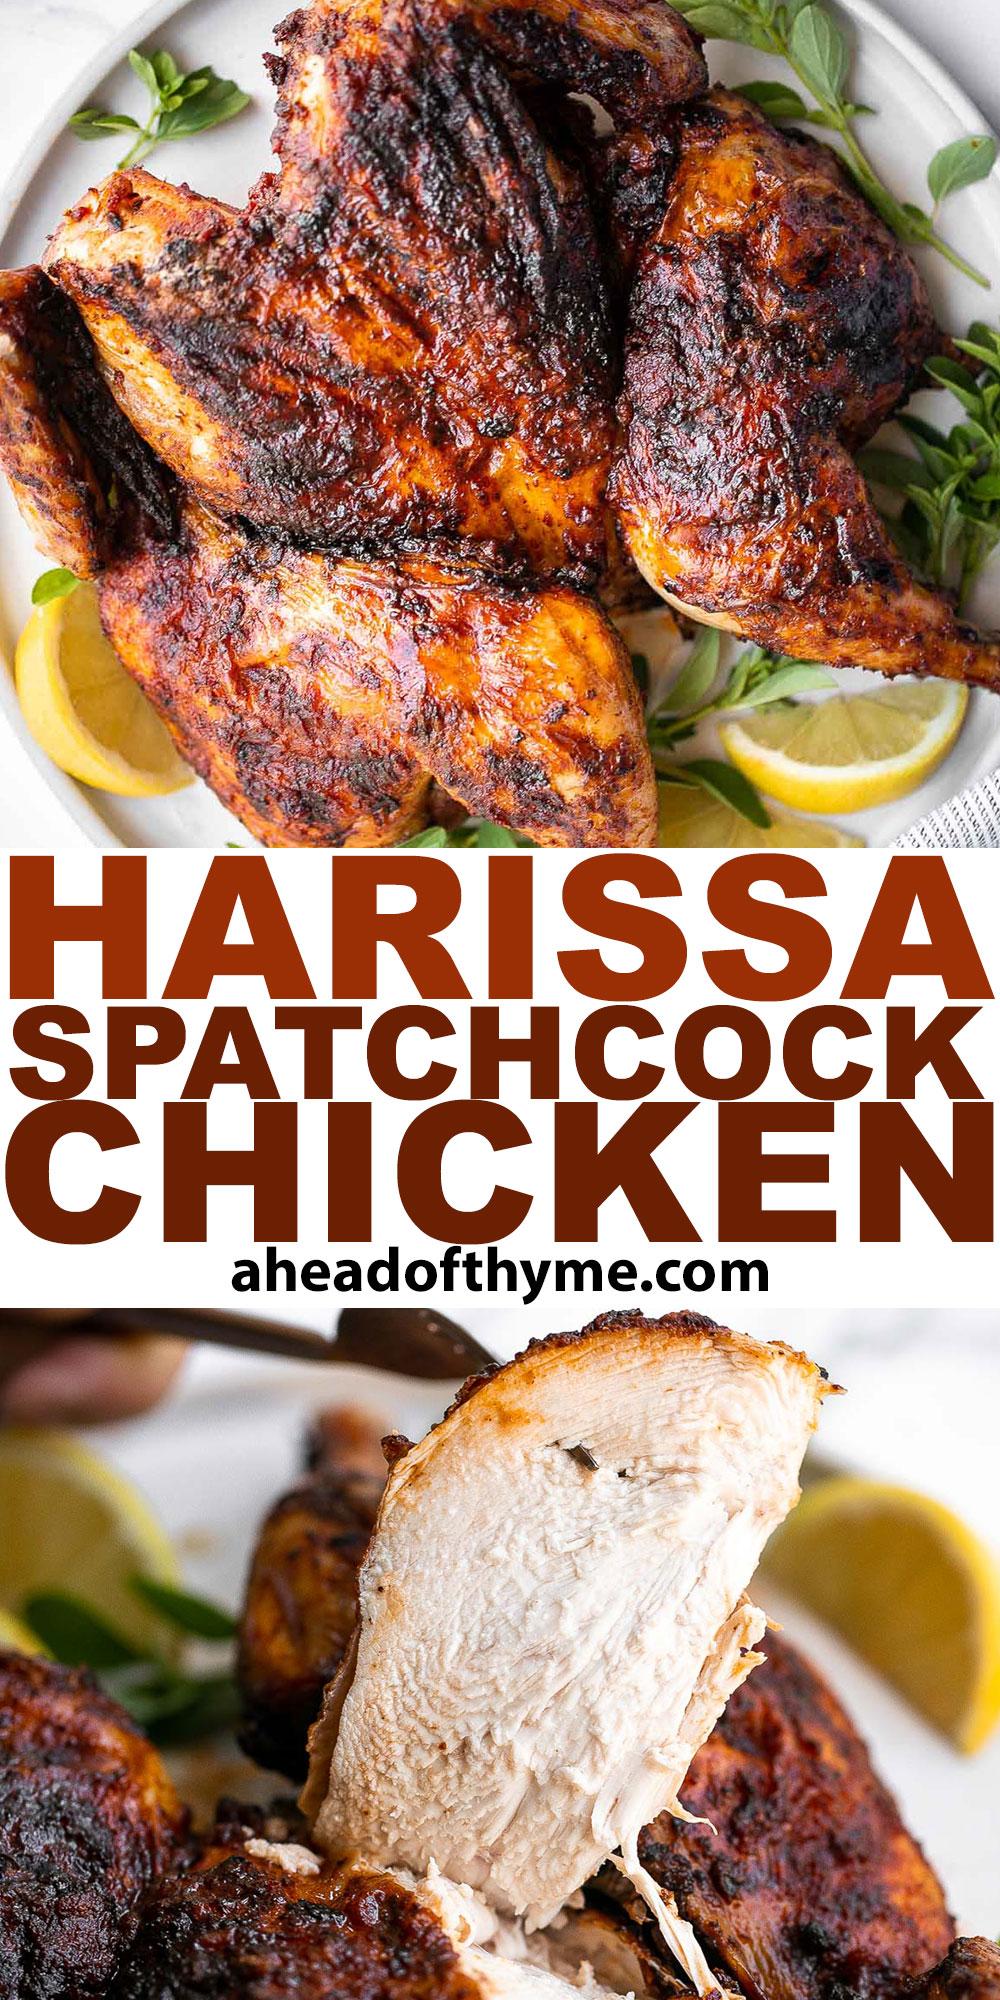 Harissa Spatchcock Chicken